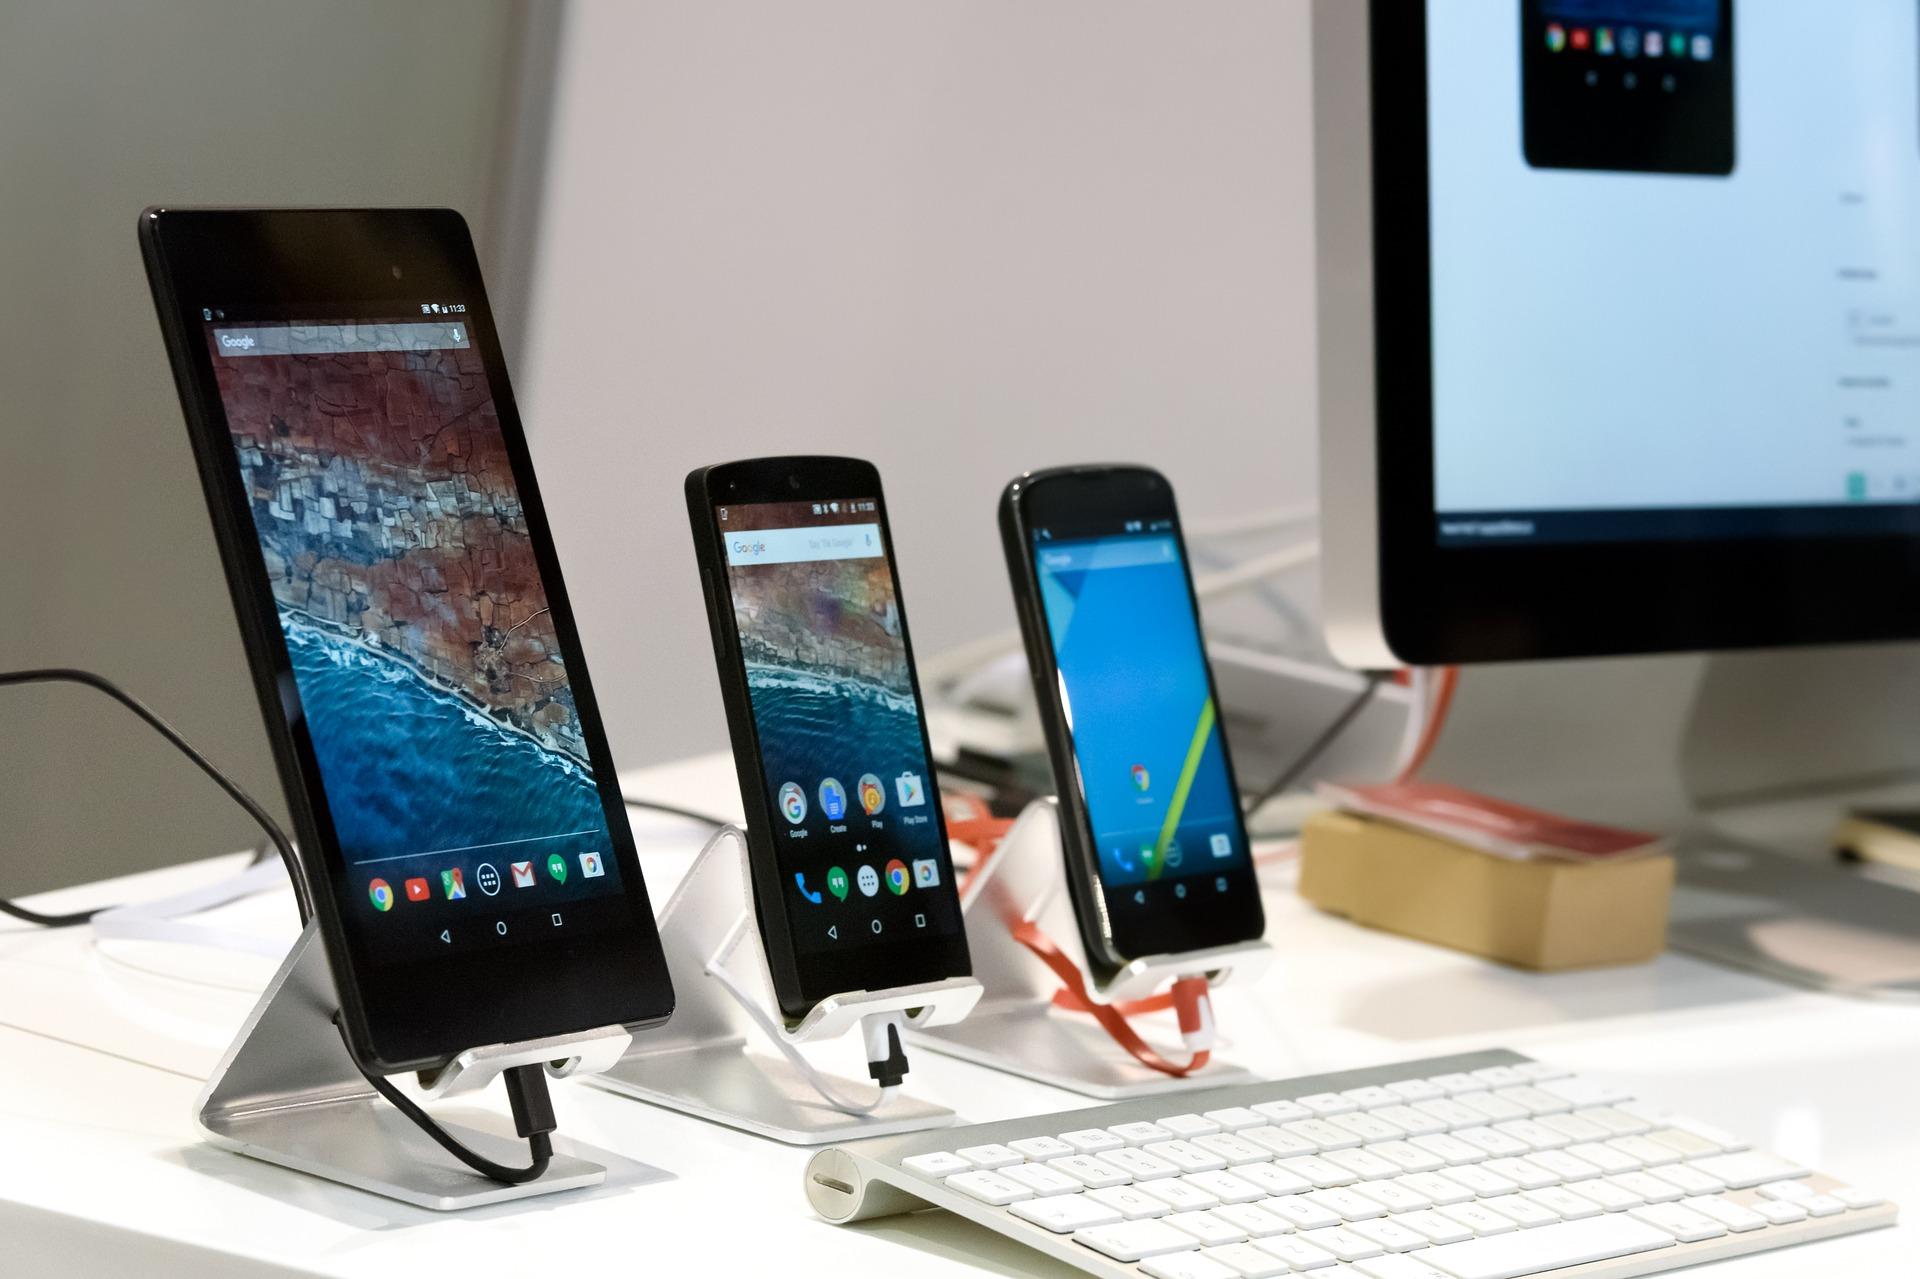 smartphone-3179295_1920